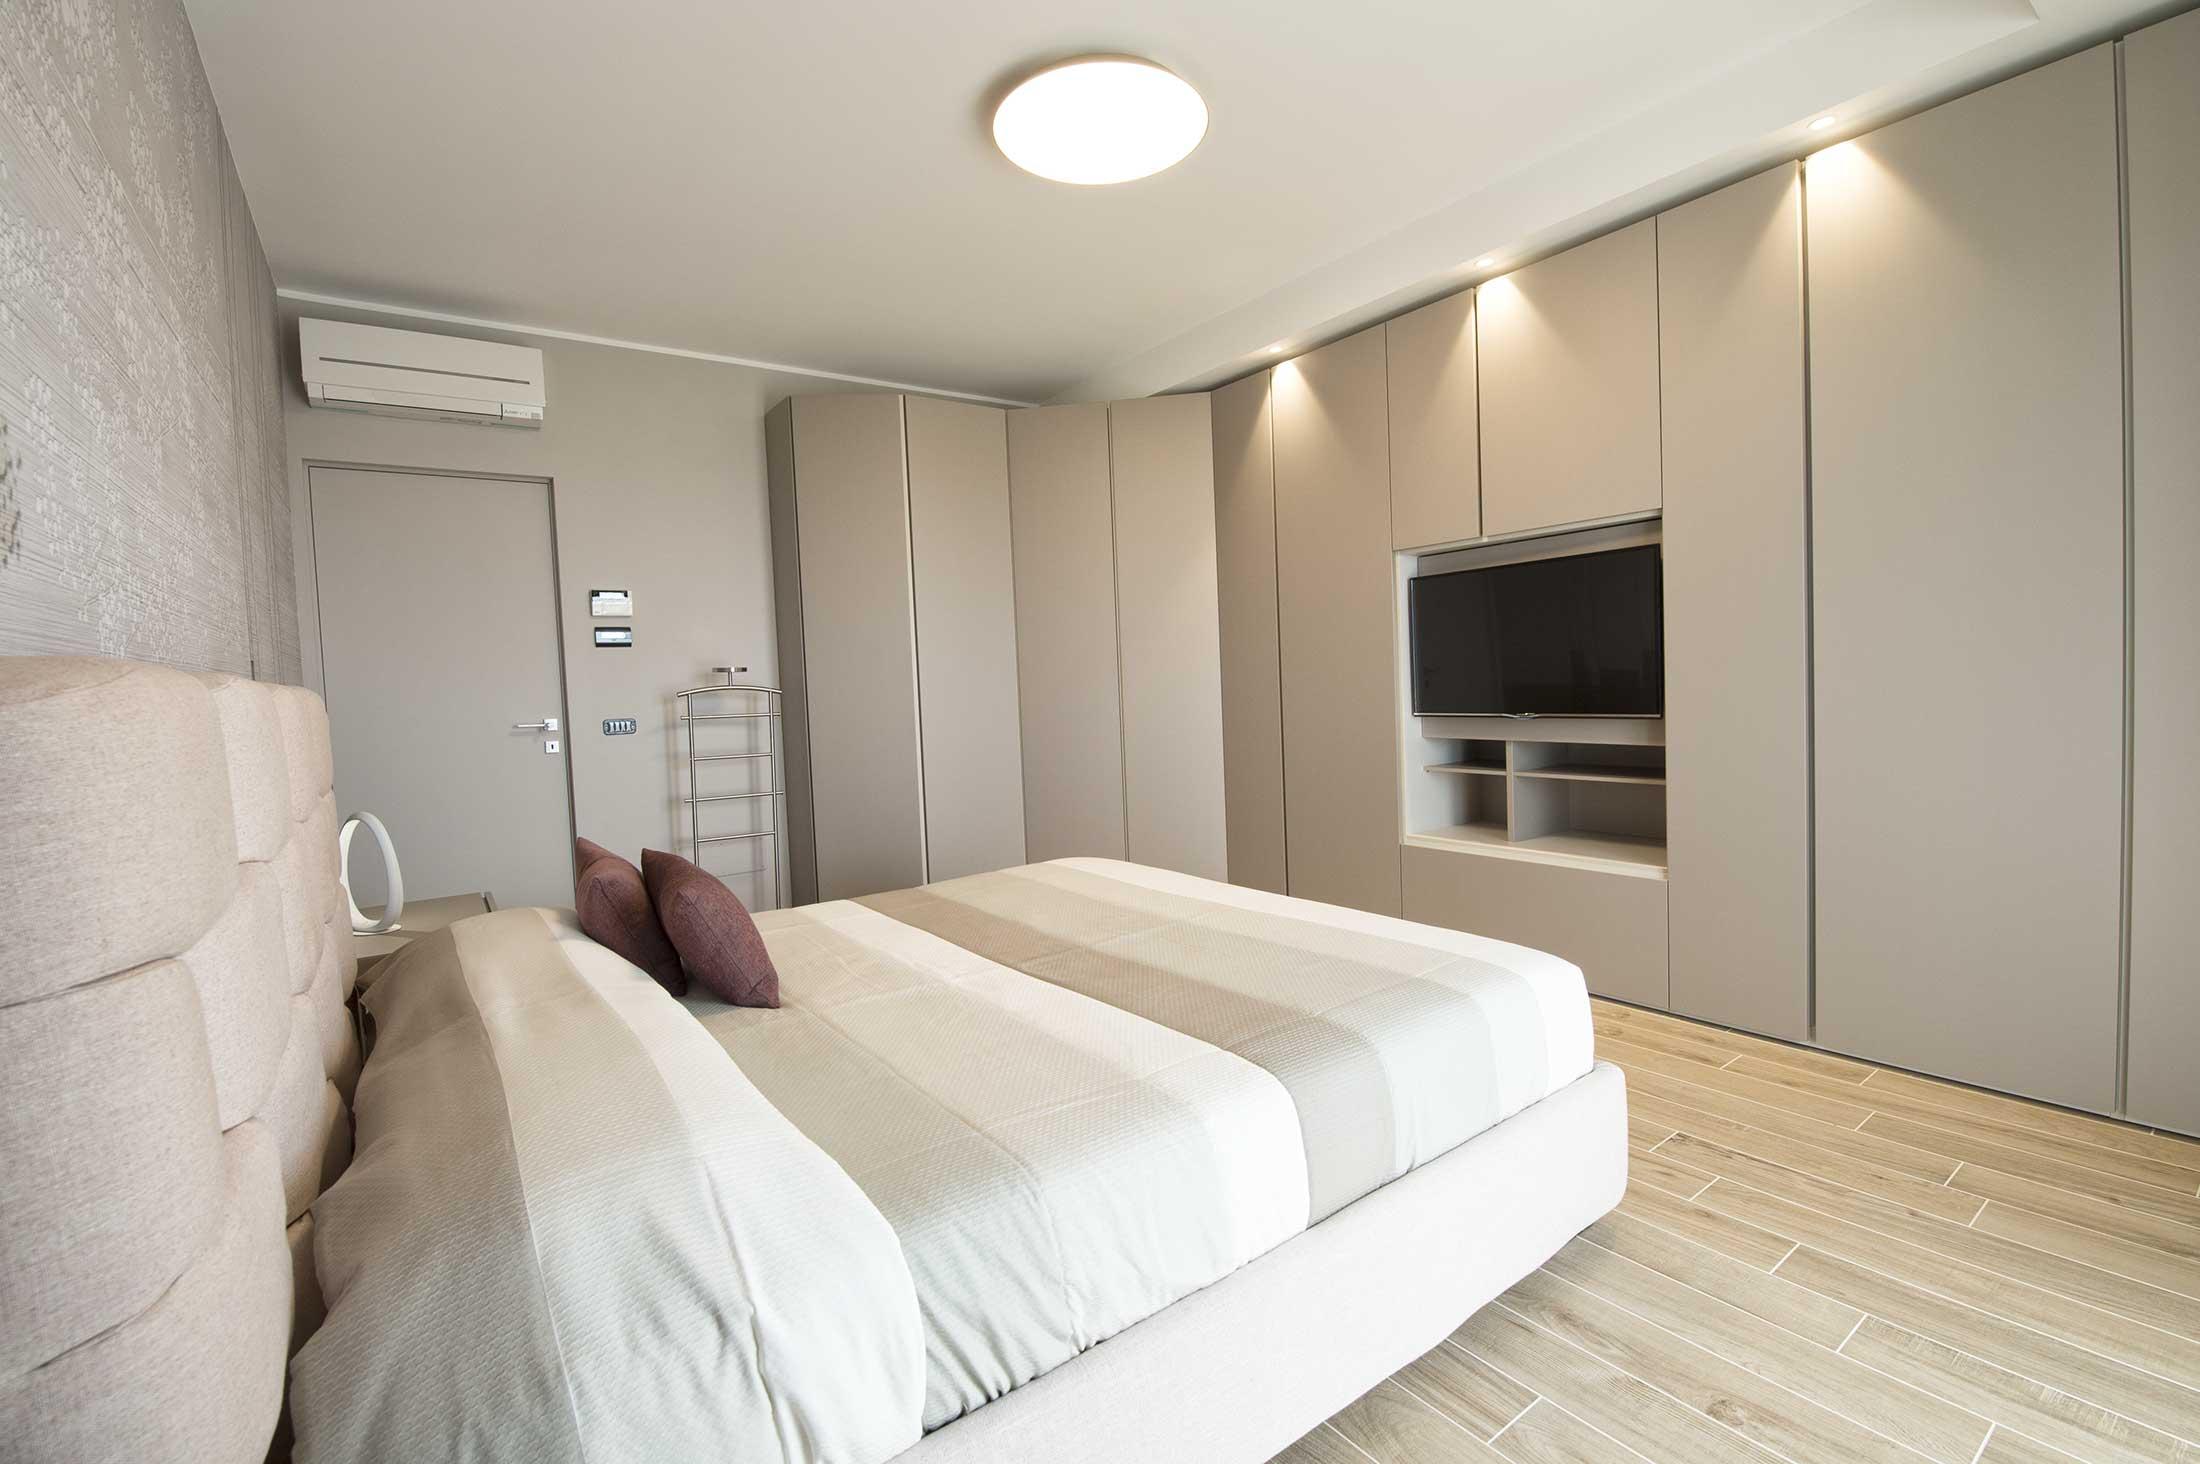 Abitazione-privata-Pensiero-Addessi-Design (1)